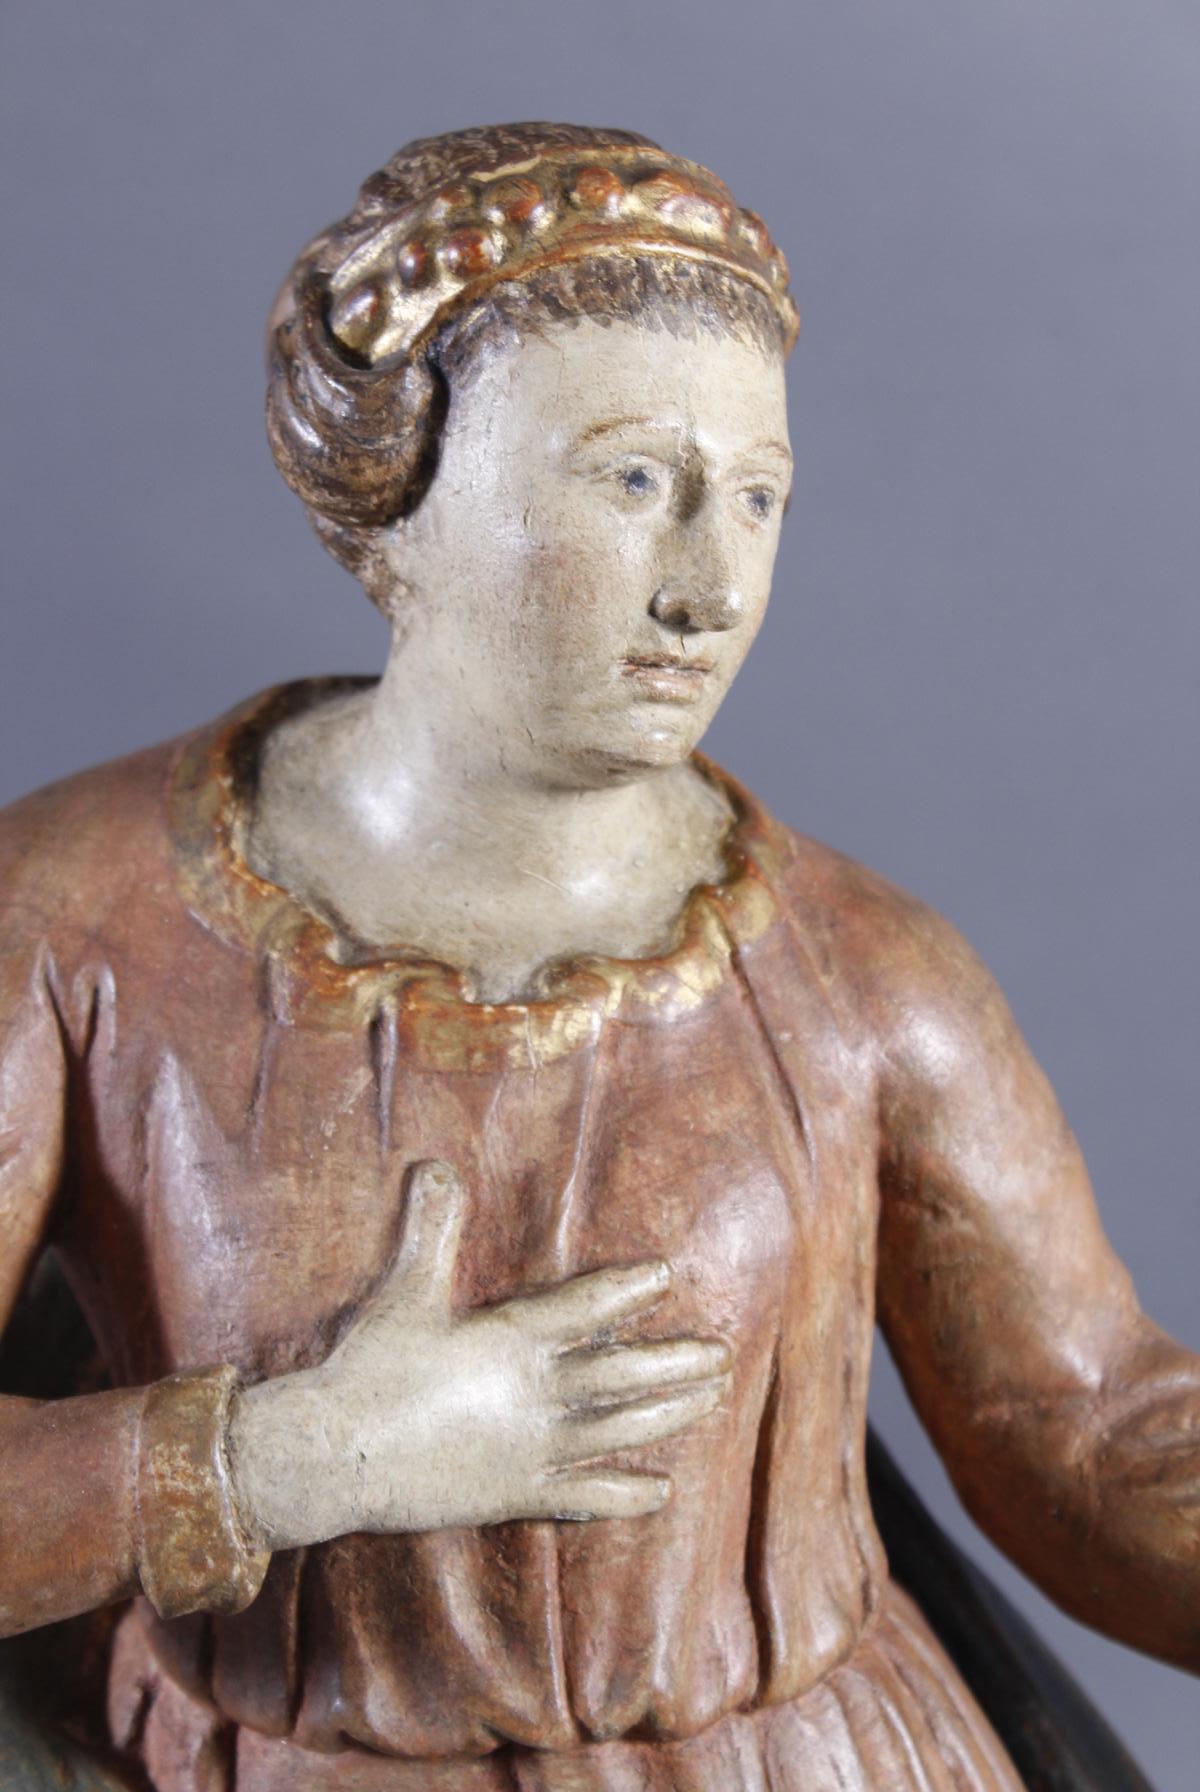 Madonna, Immaculata, Holz, Süddeutschland 18. Jahrhundert-2